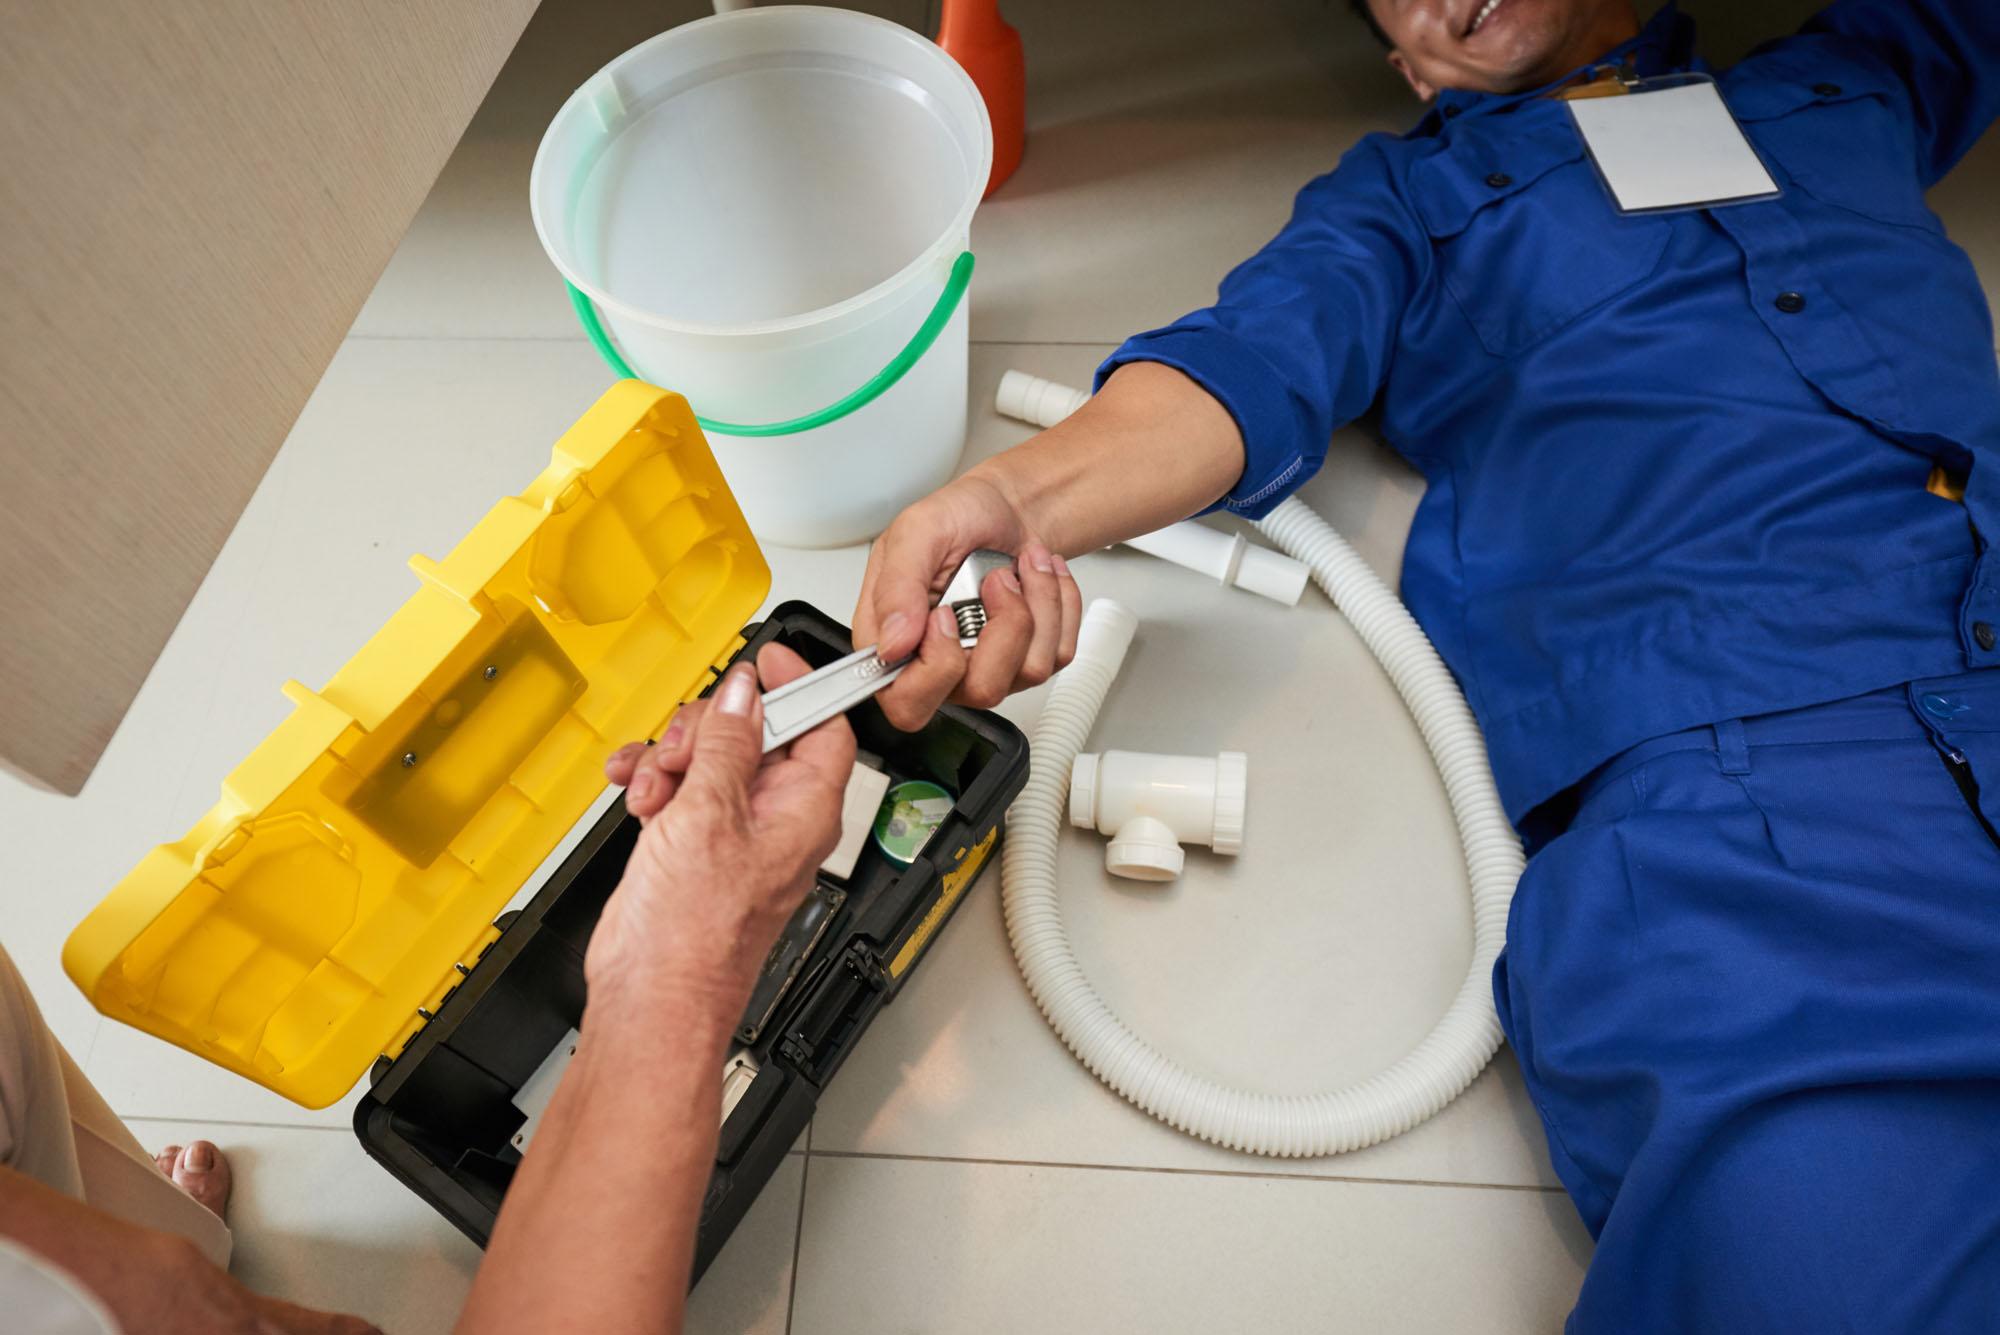 Bathroom Plumbing Fixtures & Work